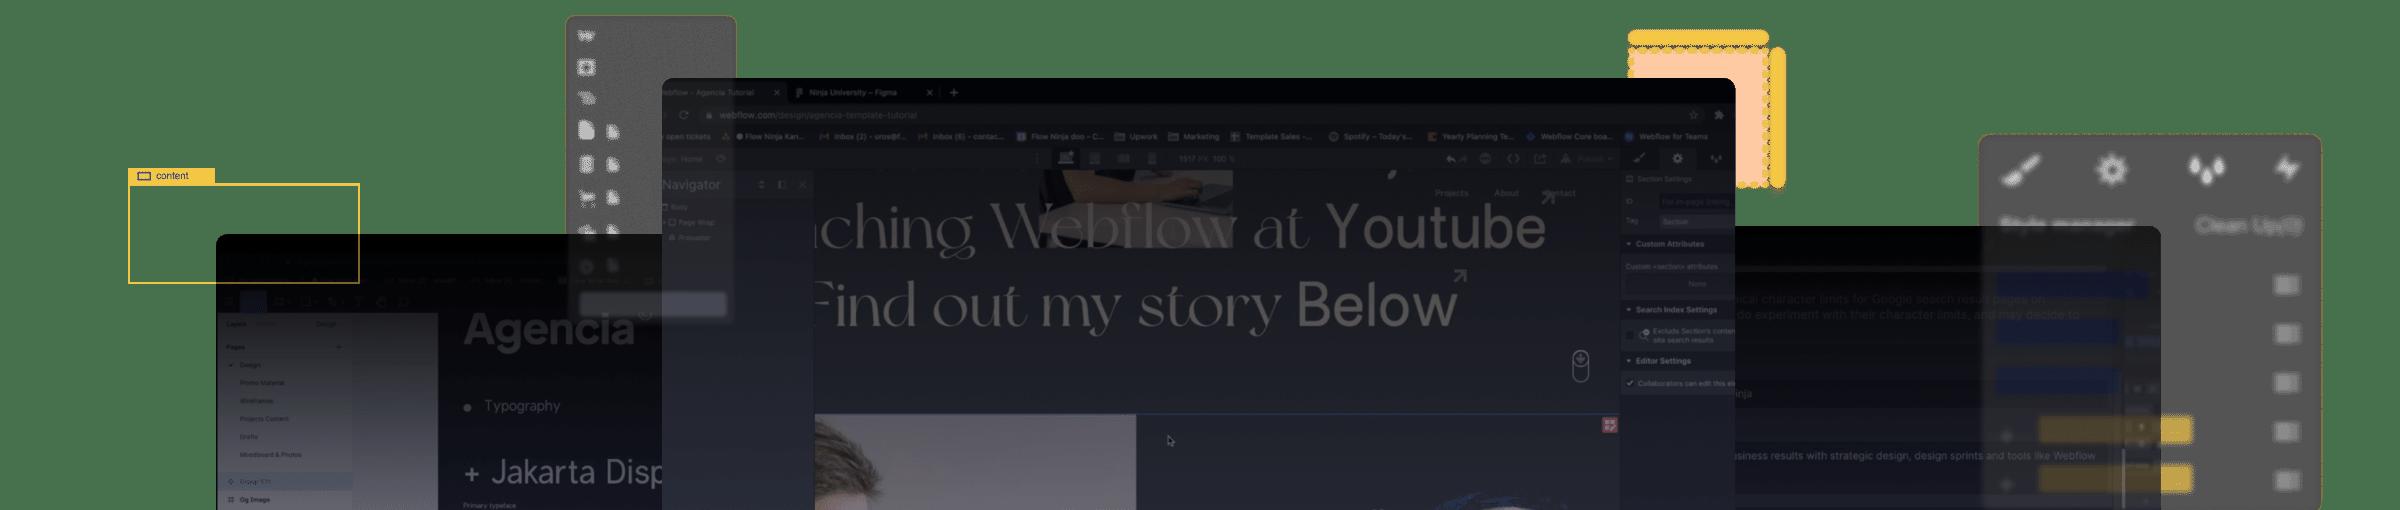 Ninja Academy Webflow Image